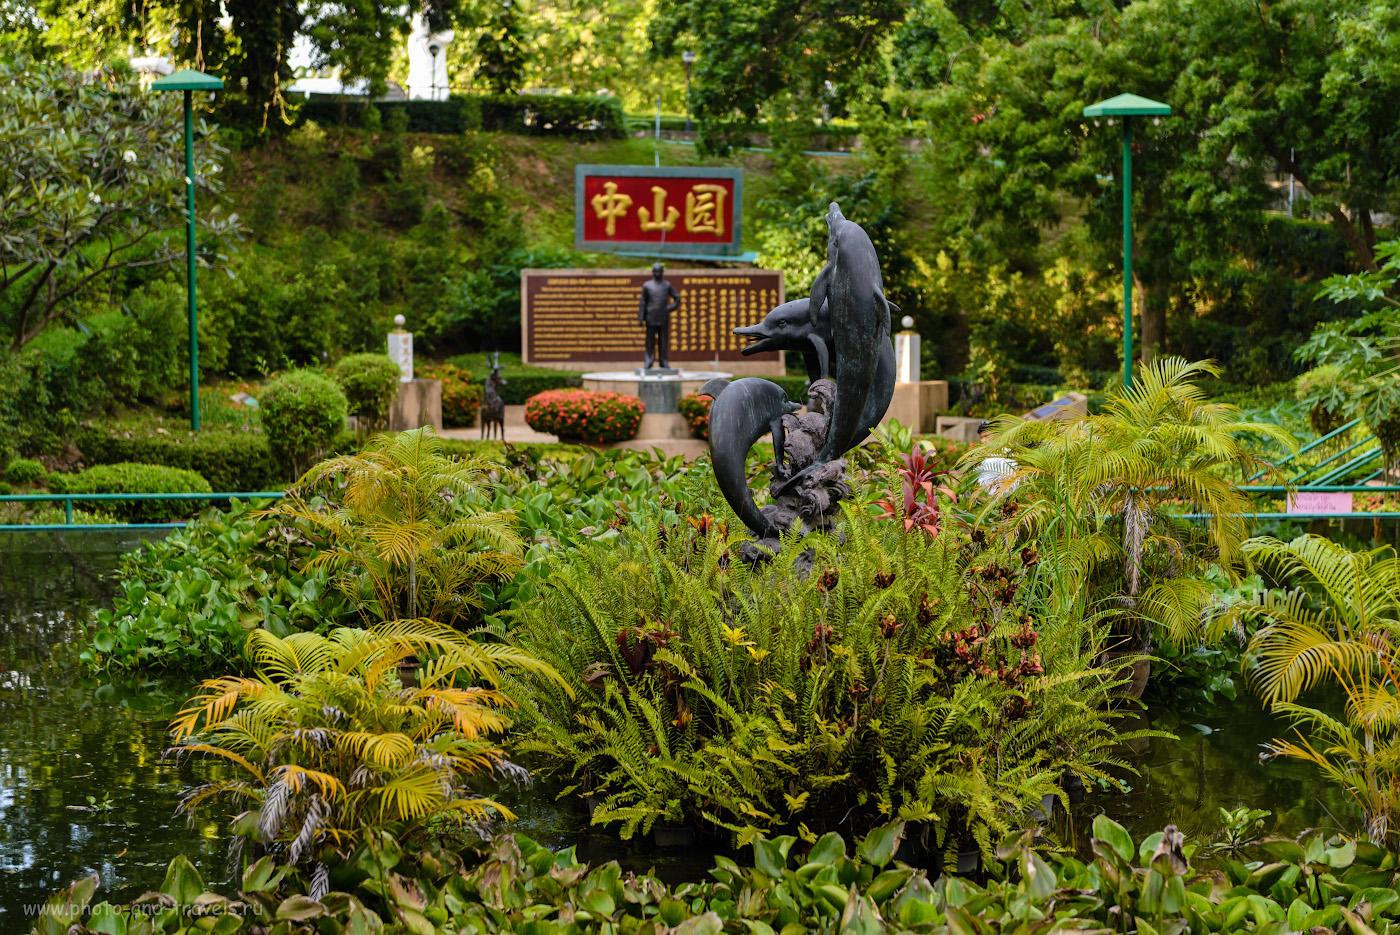 Фото 10. Дельфины в саду Zhong Sun Gardens. Отзывы туристов об экскурсиях в Паттайе. Что можно посмотреть недорого, отдыхая в Таиланде. 1/160, 2.8, 160, 70.